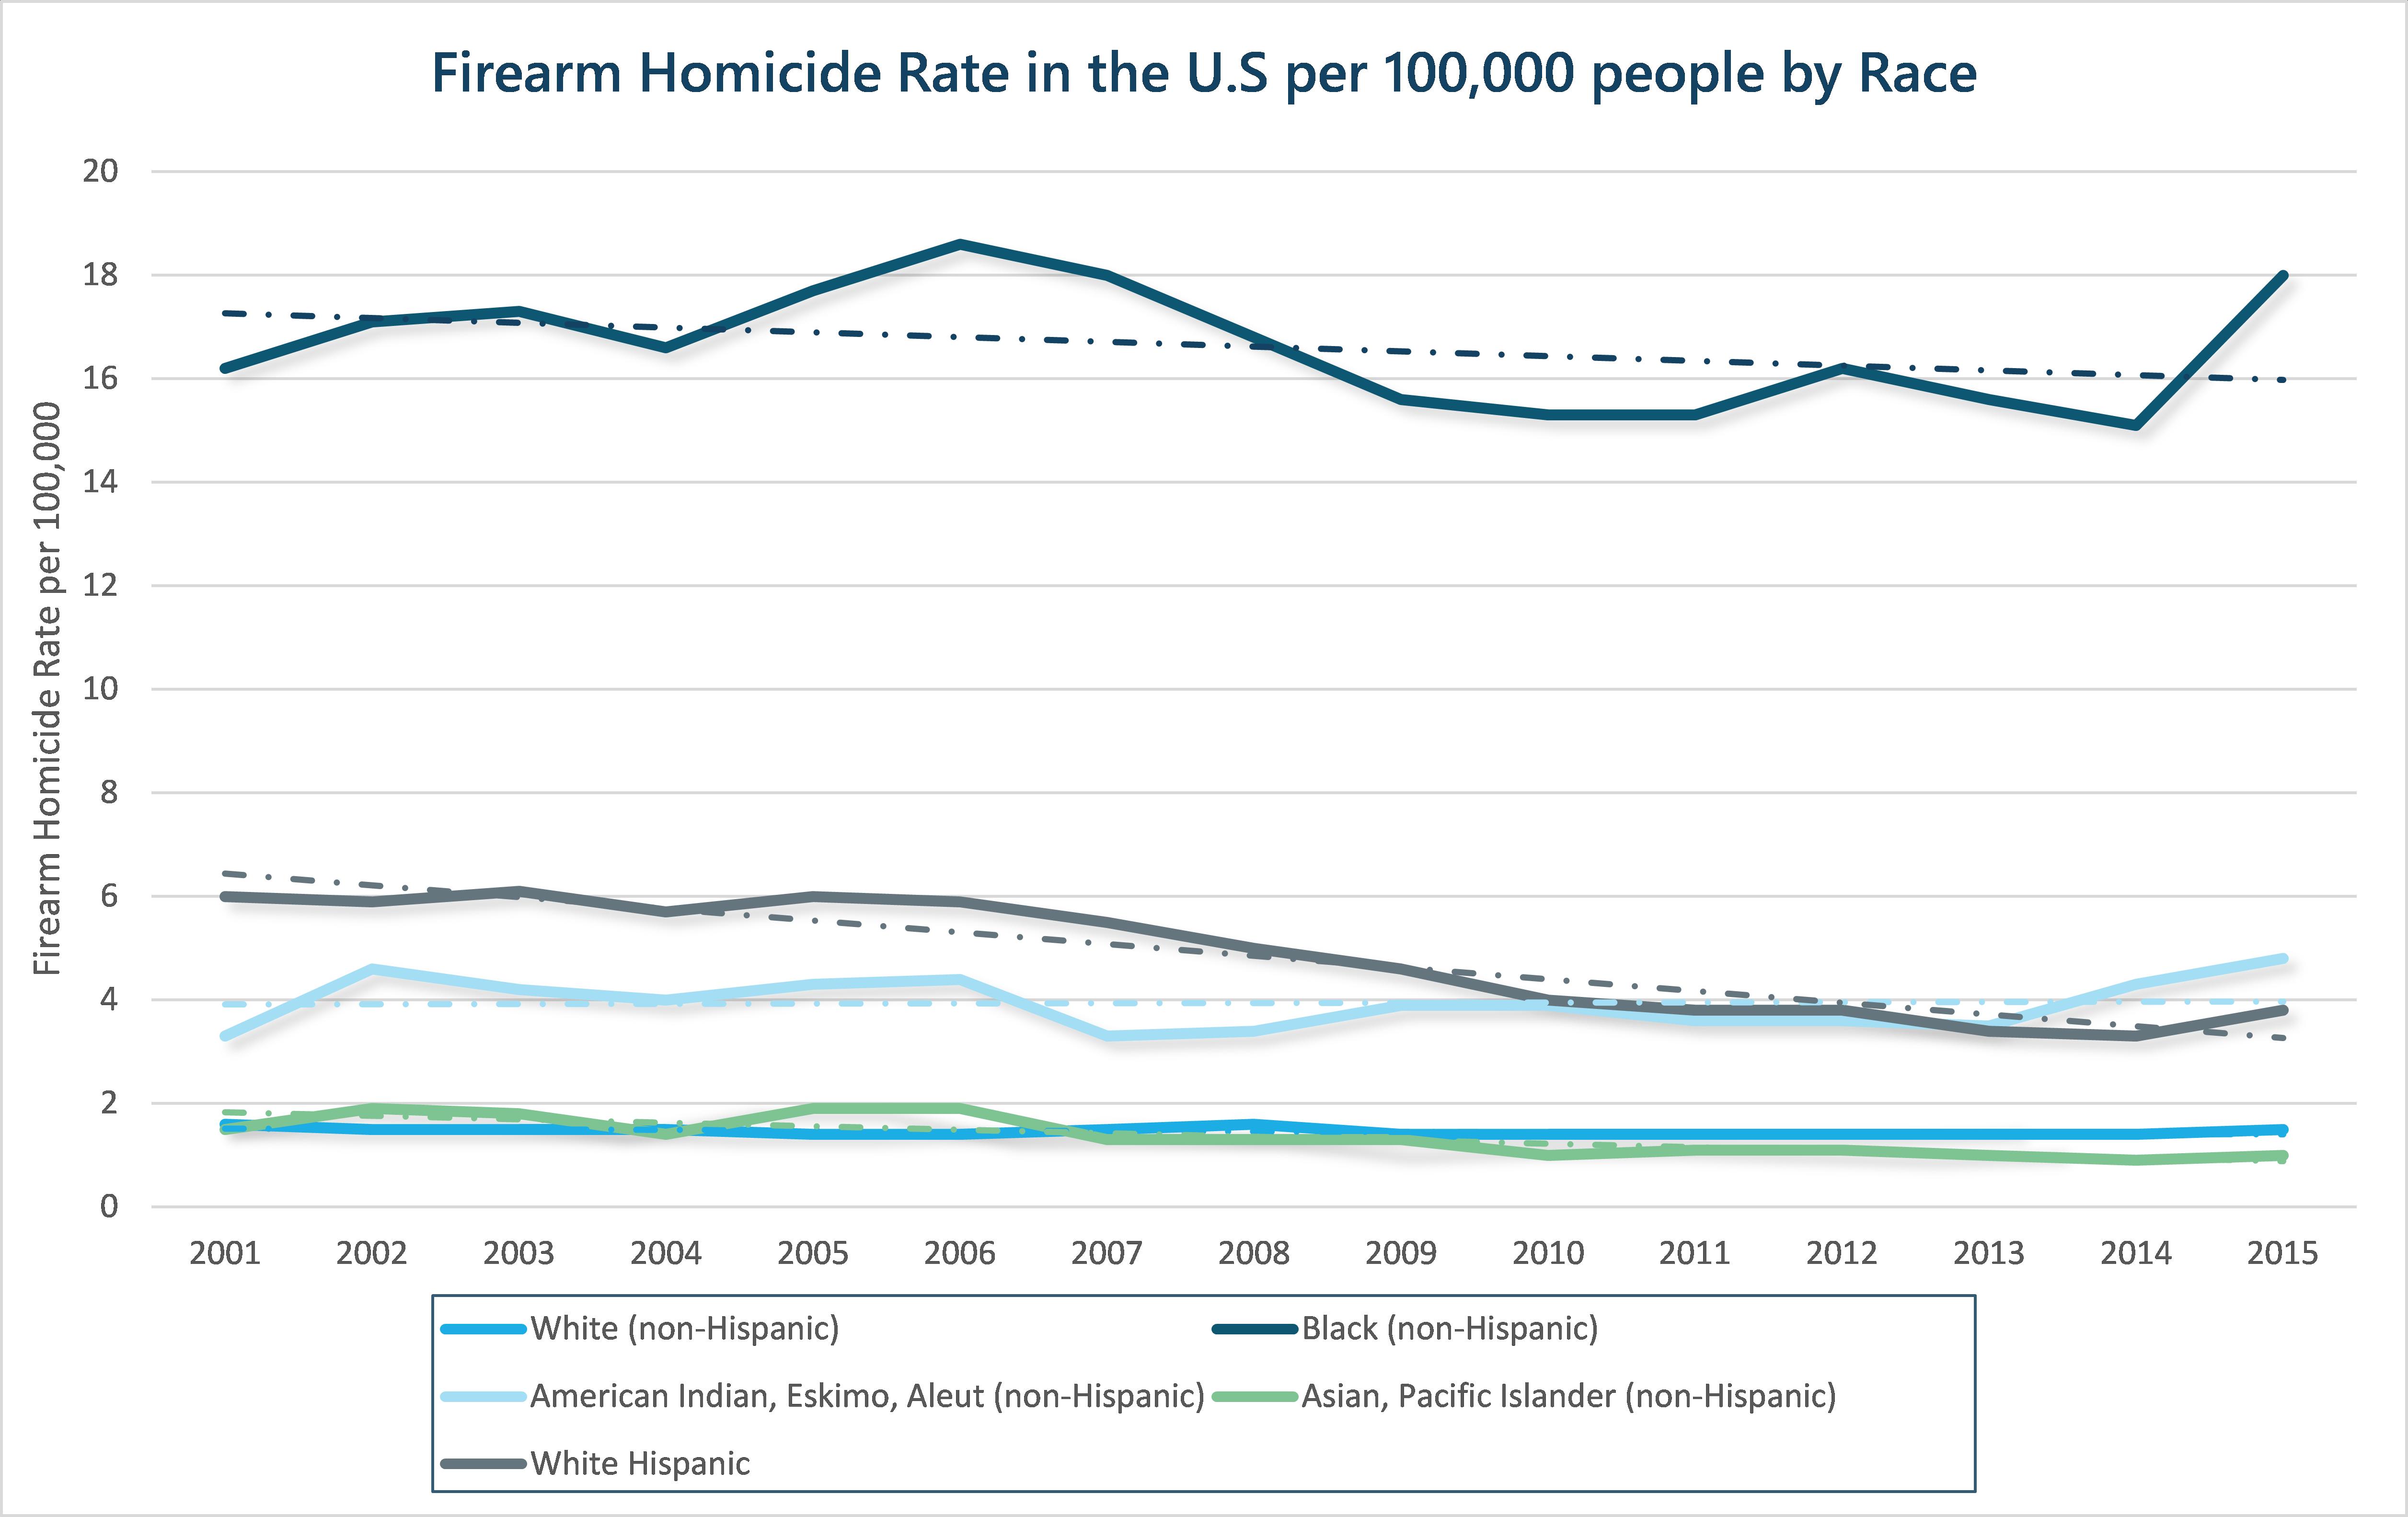 Firearm homicide rate - breakdown